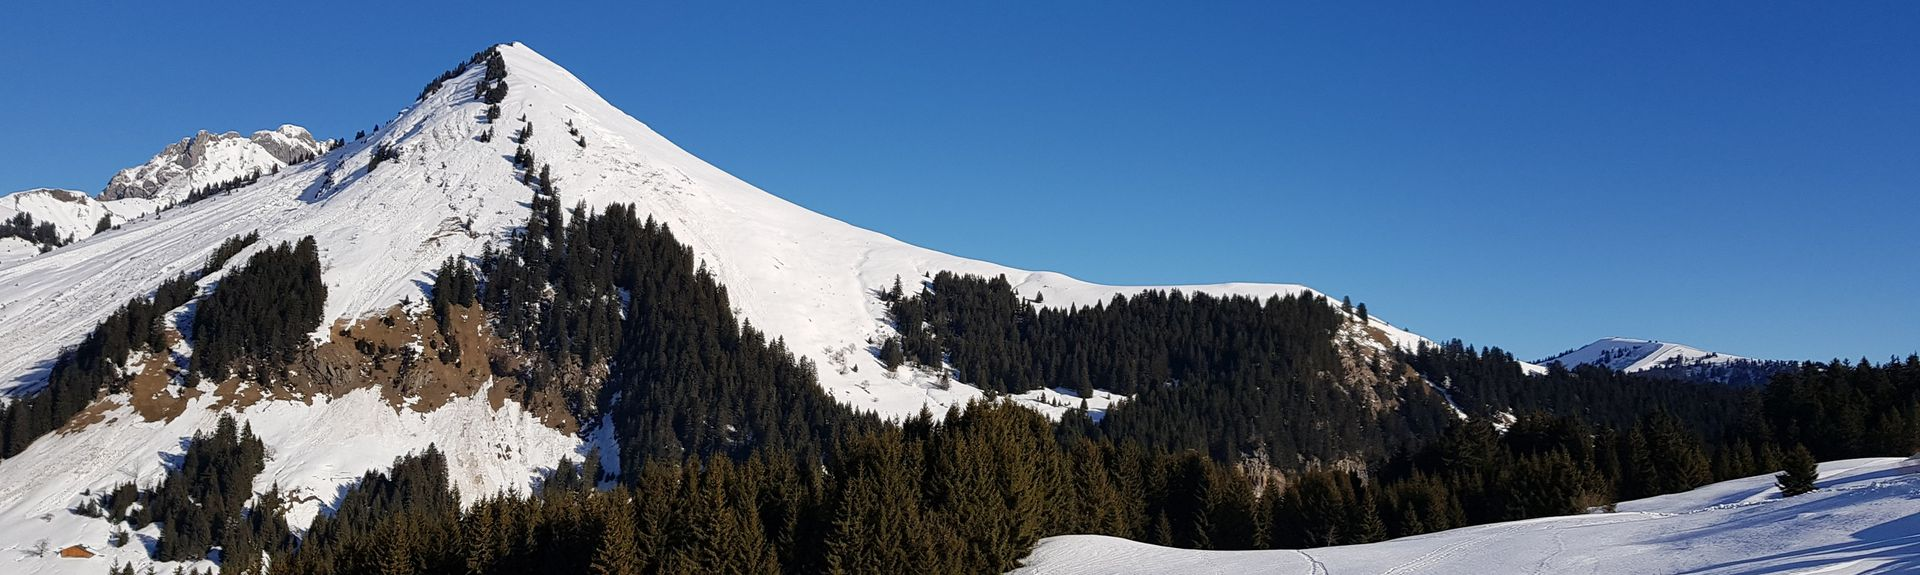 Bettex-Arbois Ski Lift, Saint-Gervais-les-Bains, Haute-Savoie (department), France